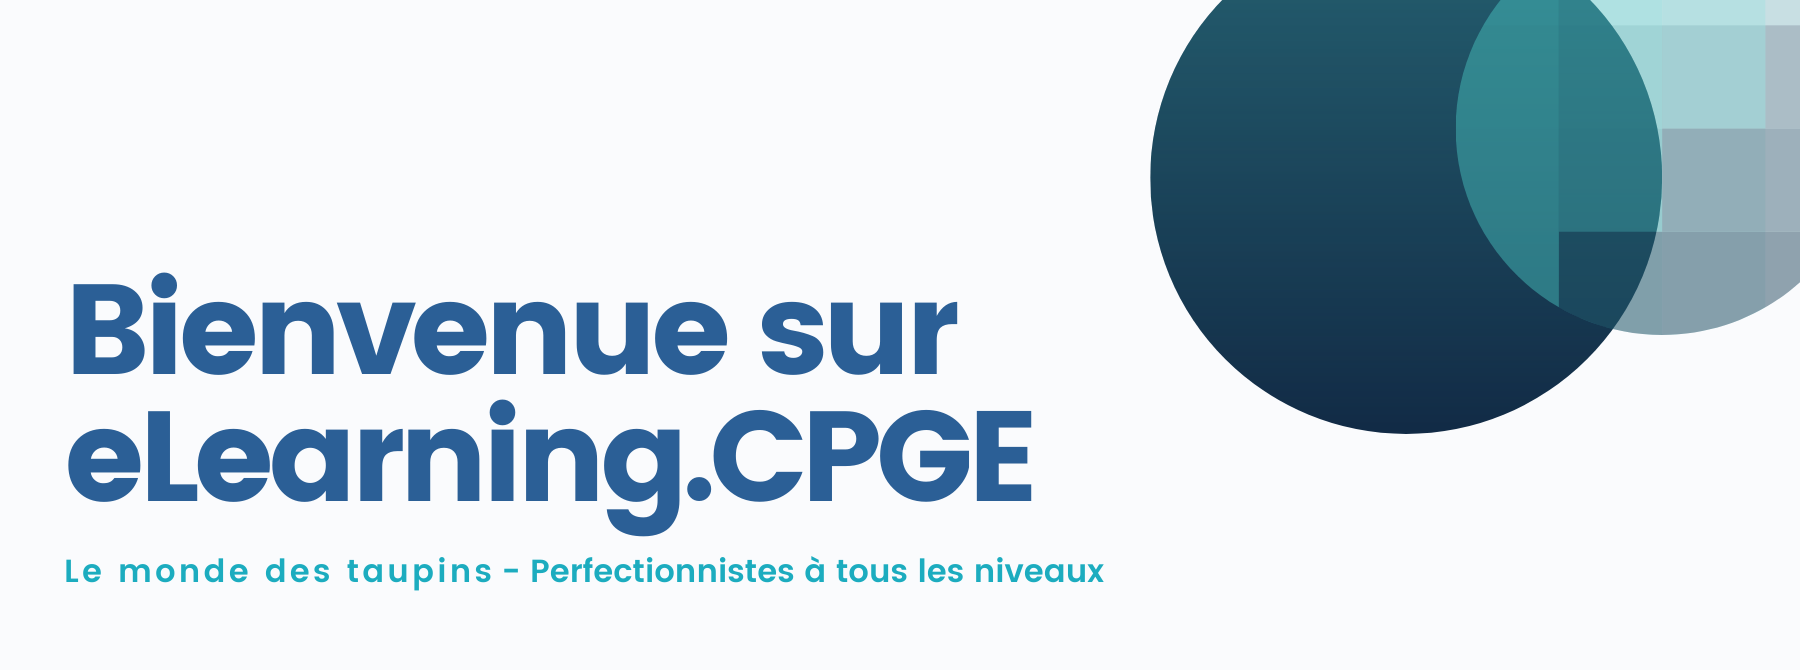 eLearning.CPGE